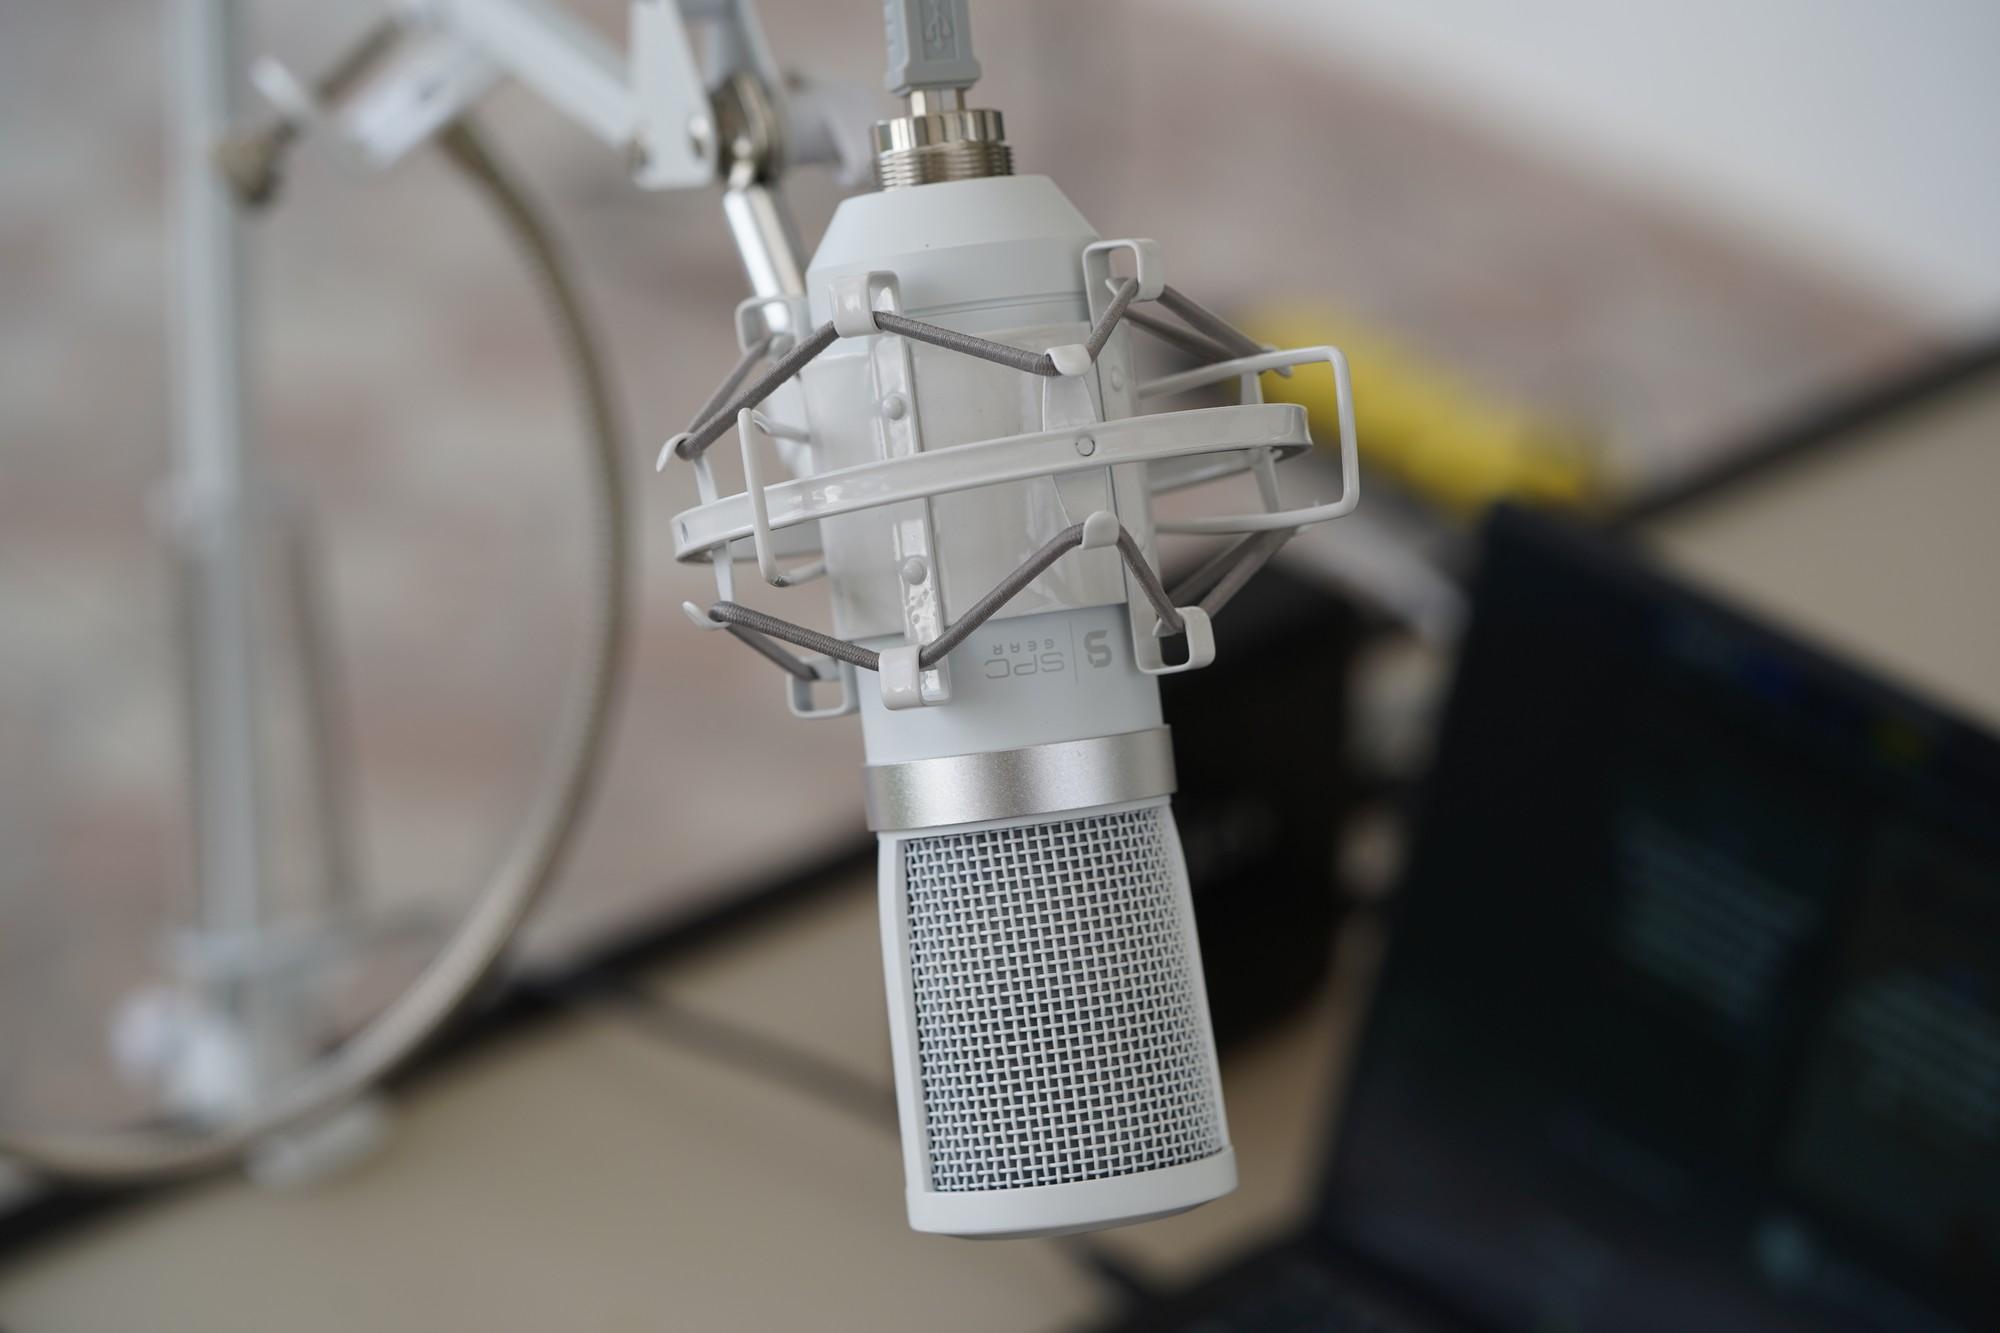 Wielkie porównanie pojemnościowych mikrofonów - SPC Gear SM950